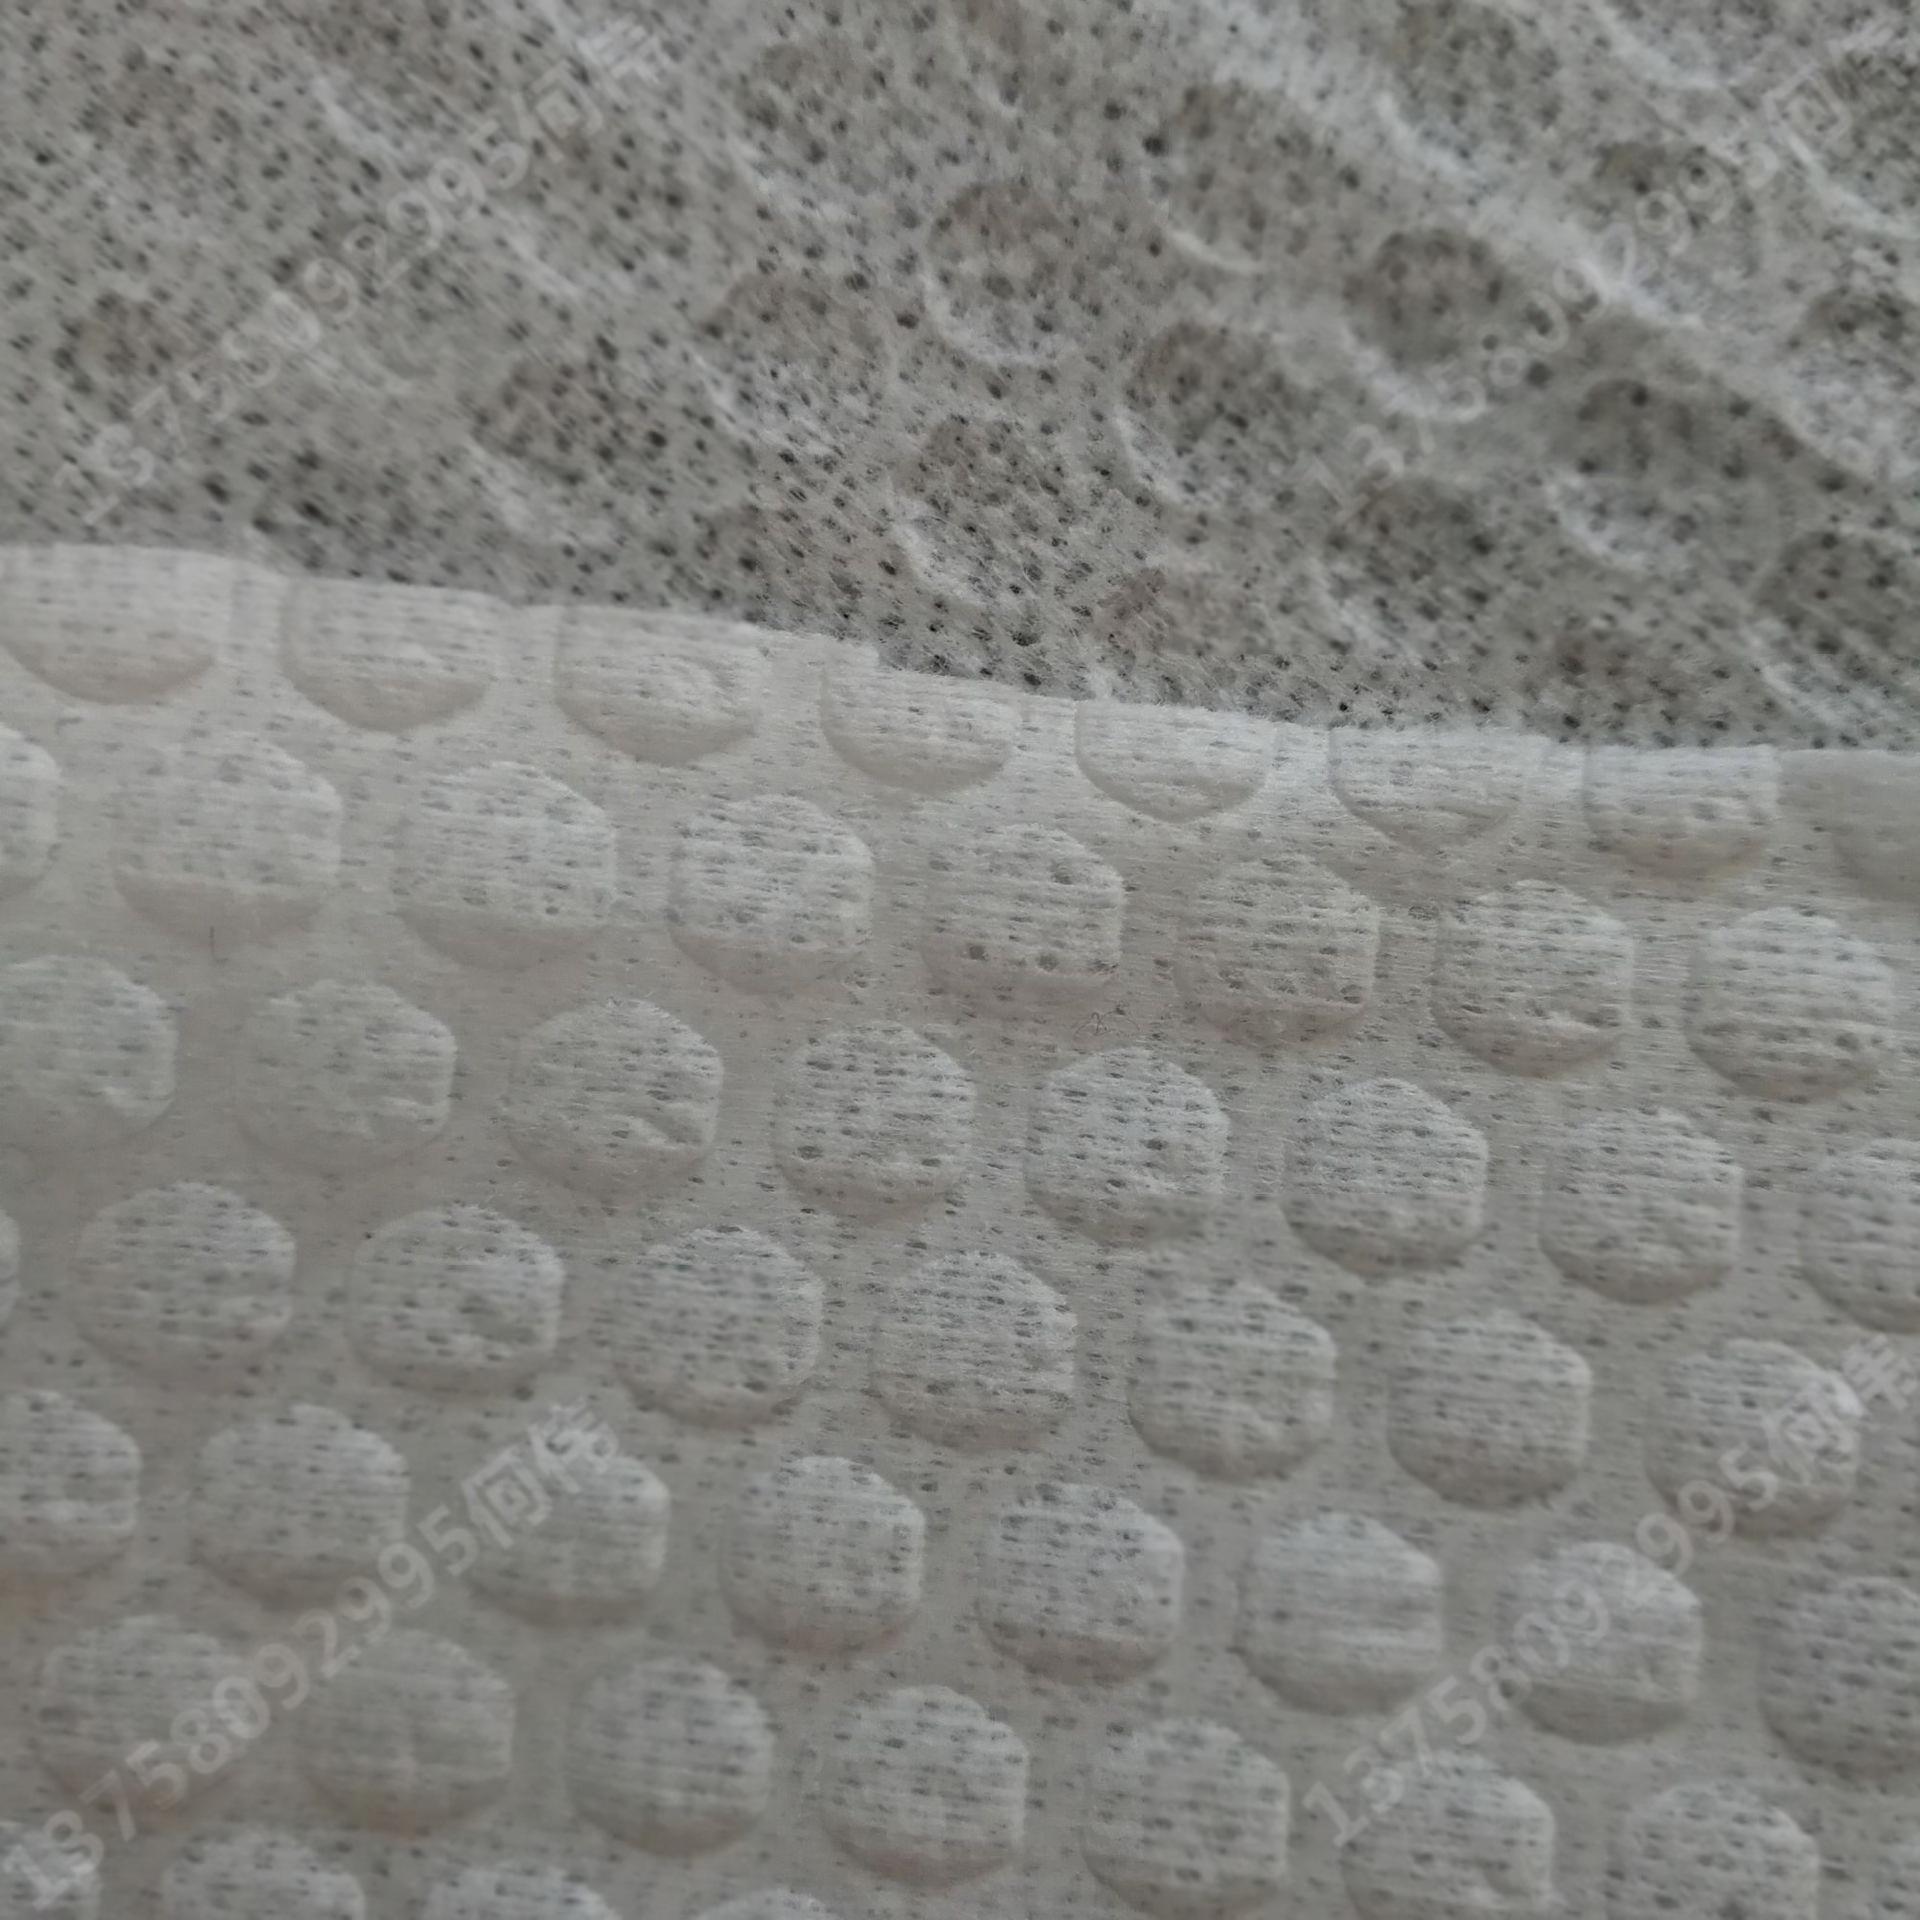 抹布水刺布